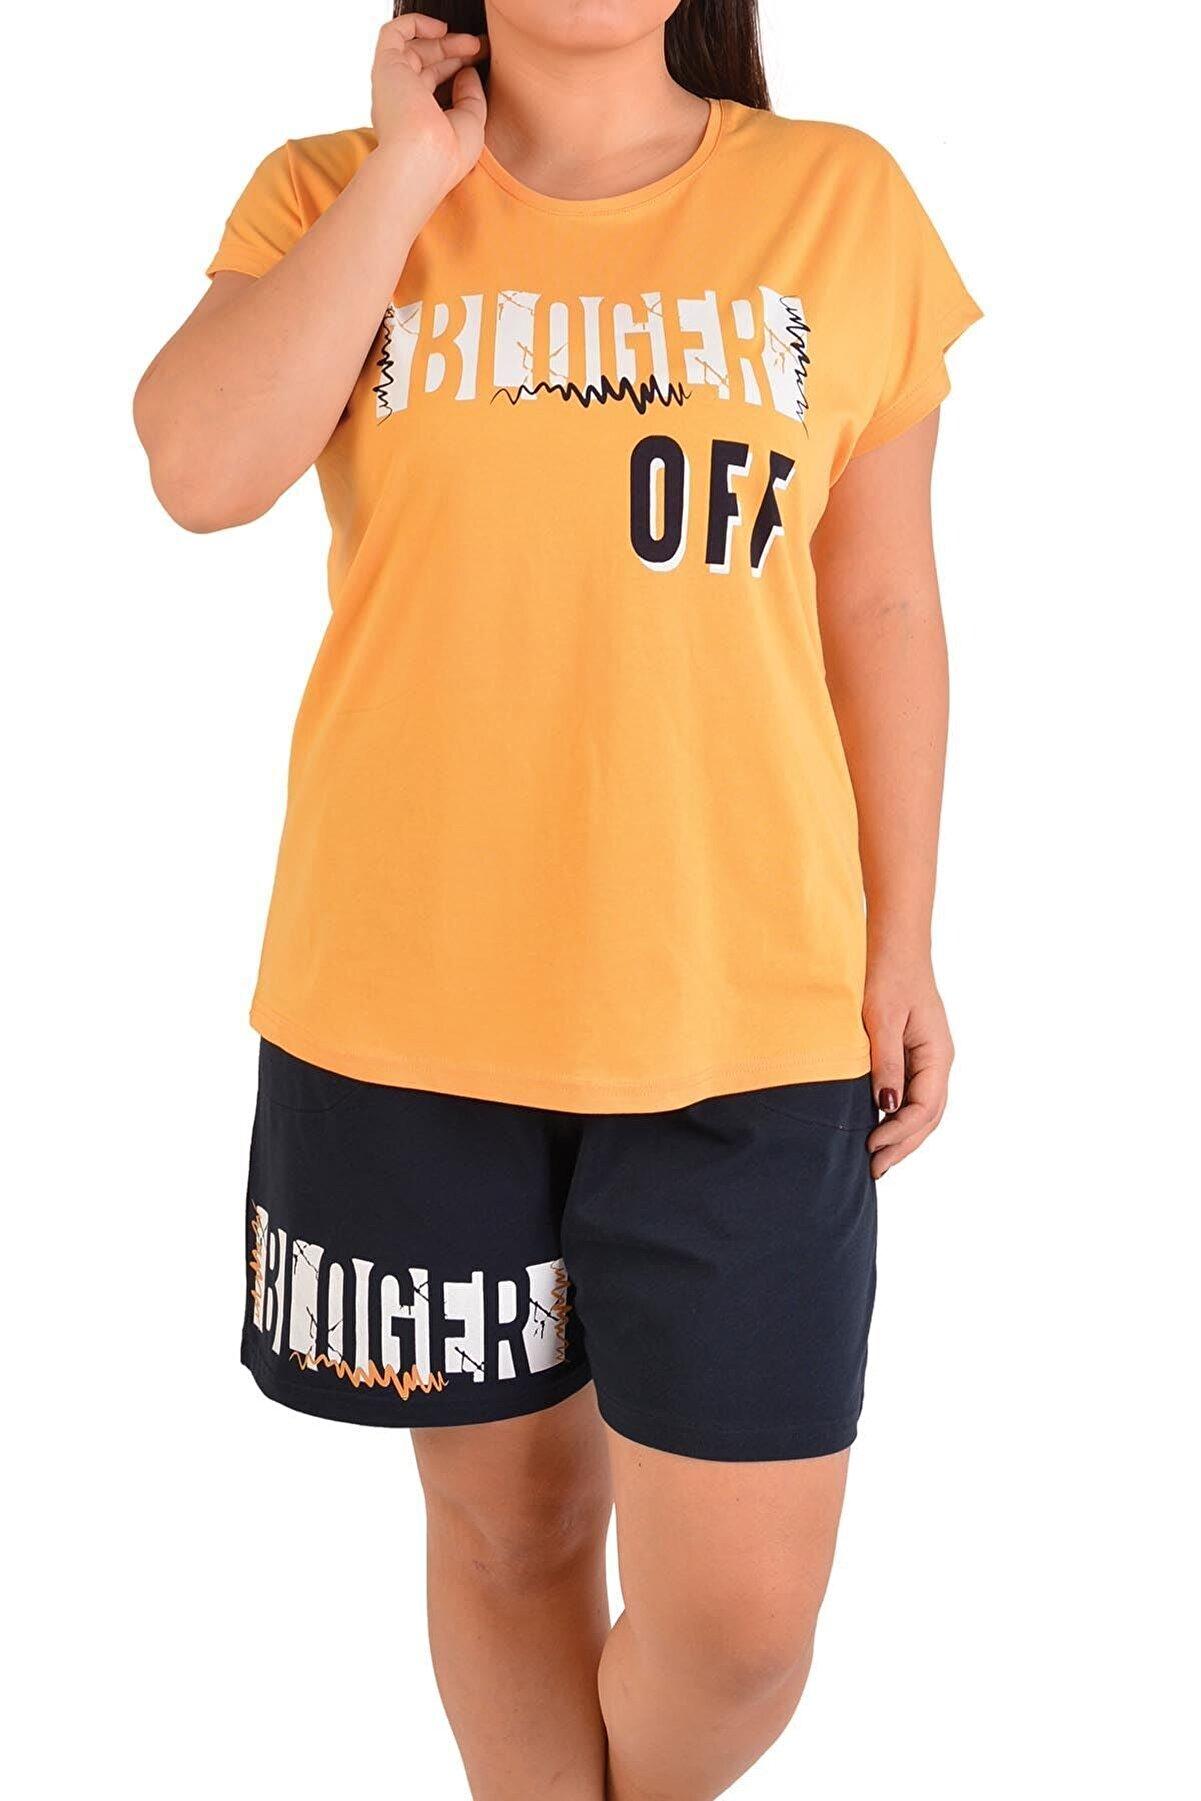 Nicoletta Sarı Kadın Şortlu Pijama Takımı Kısa Kollu Büyük Beden Cepli Likralı